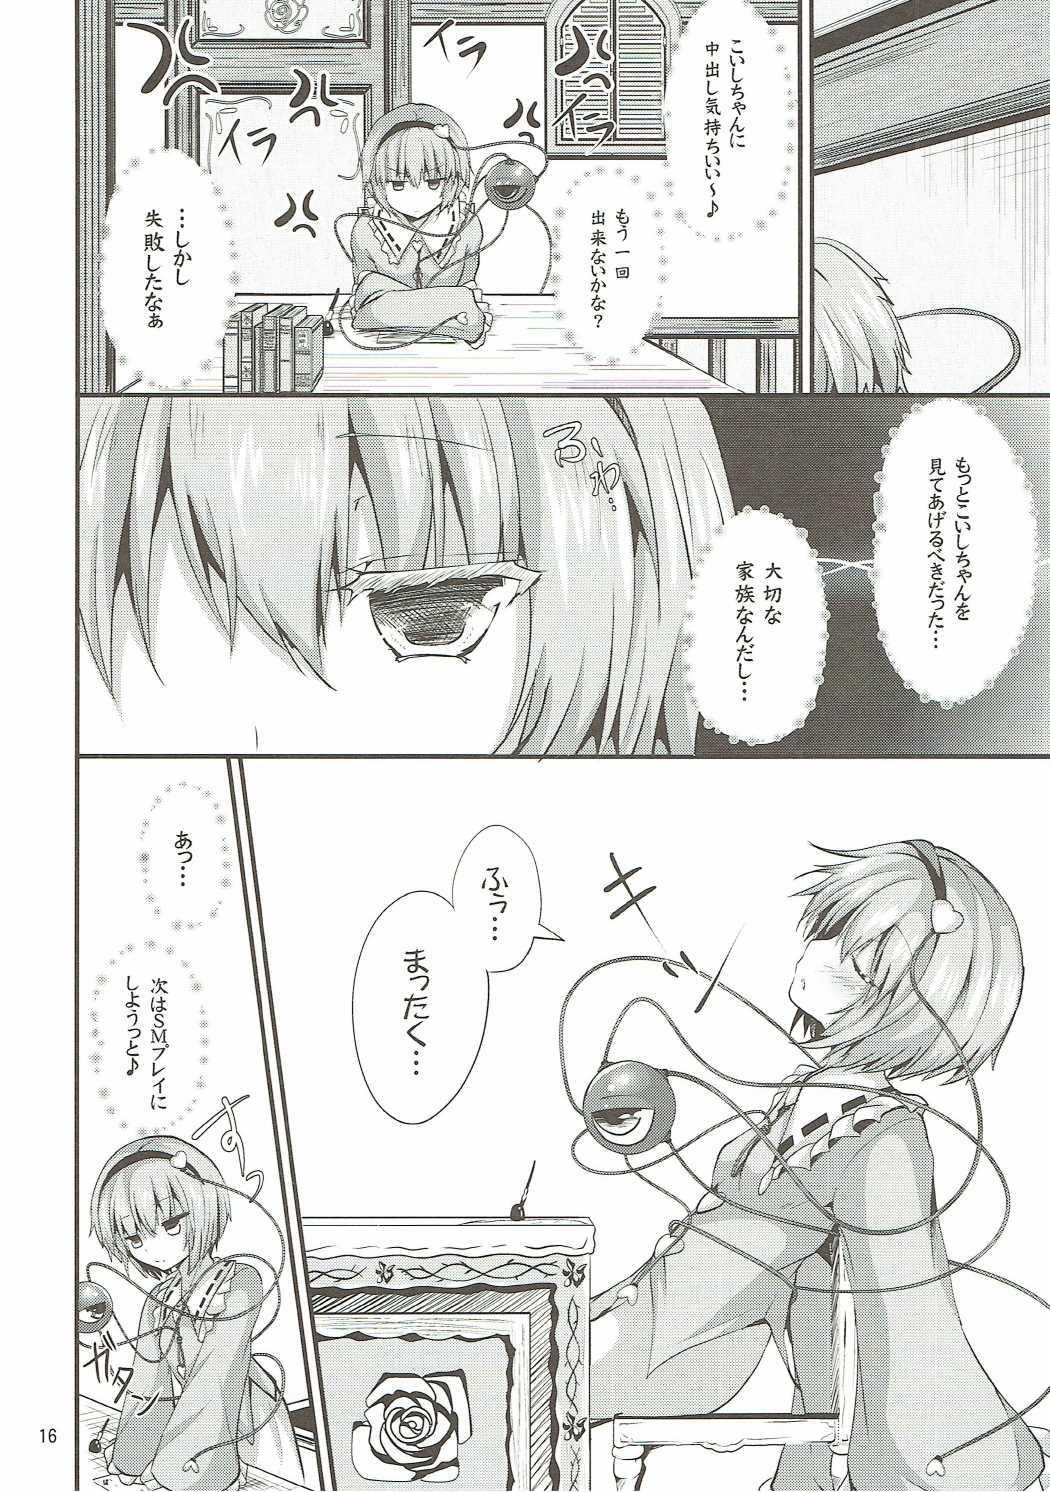 Muishiki no Yuragi 14